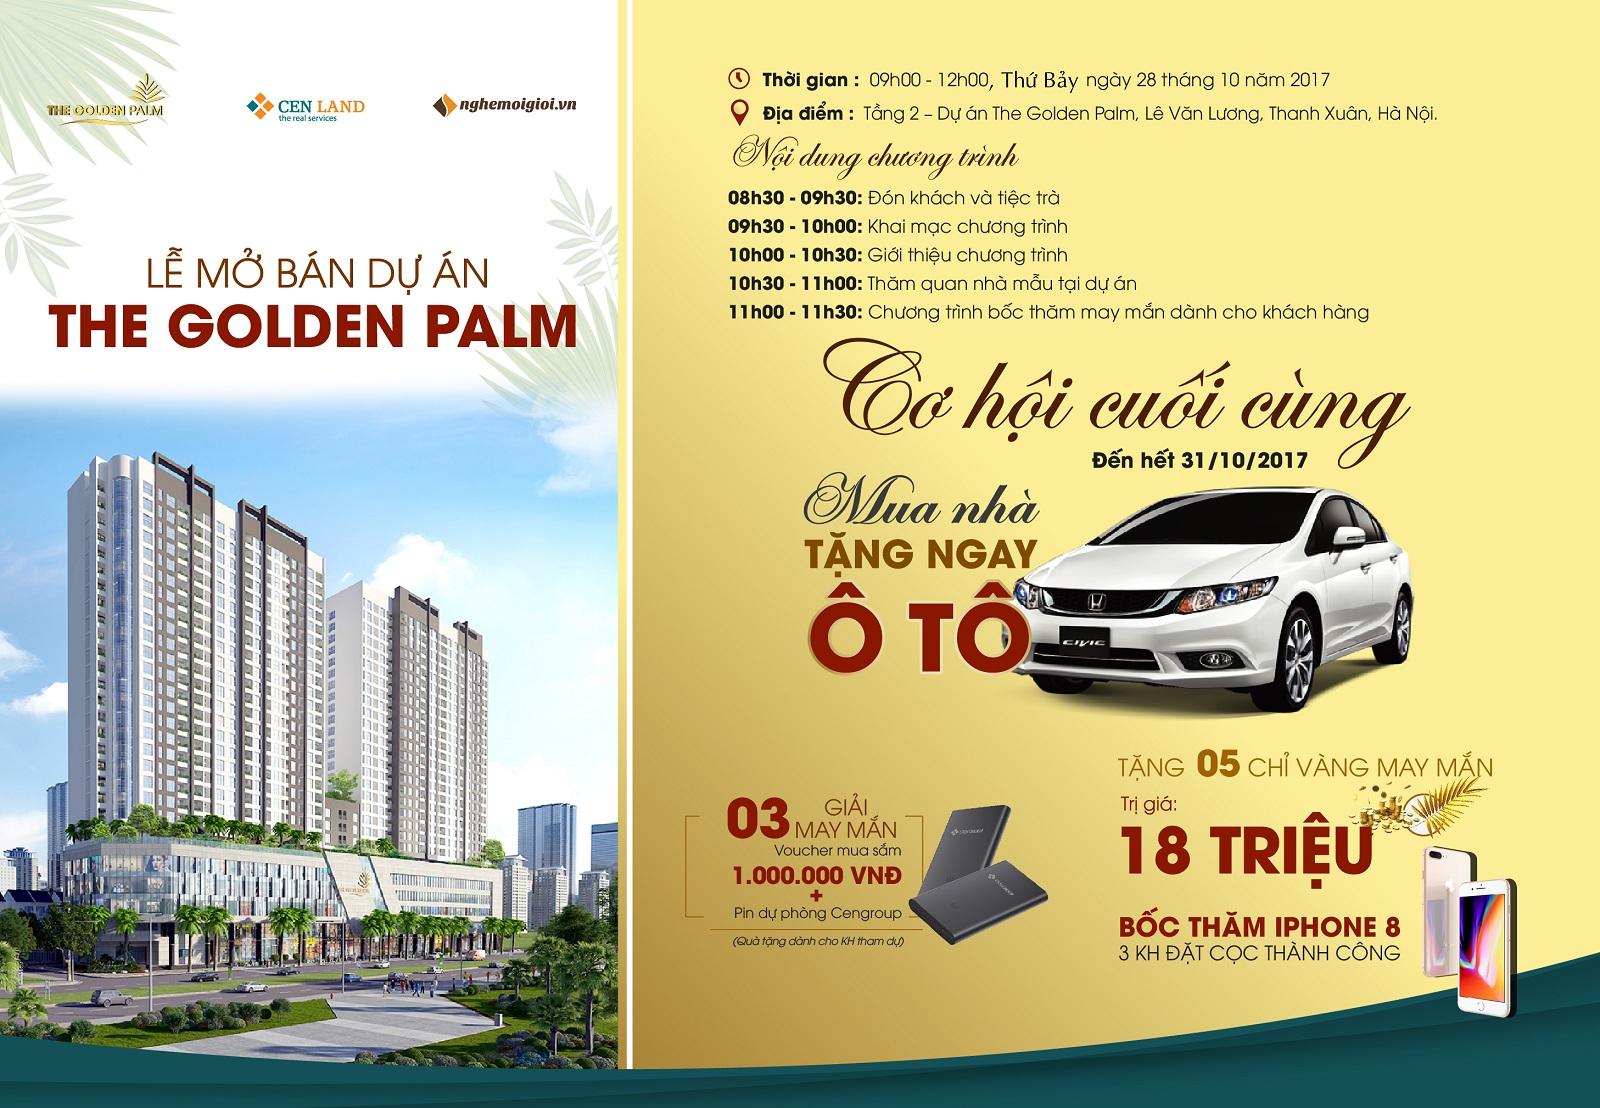 Mở bán dự án The Golden Palm tháng 10/2017